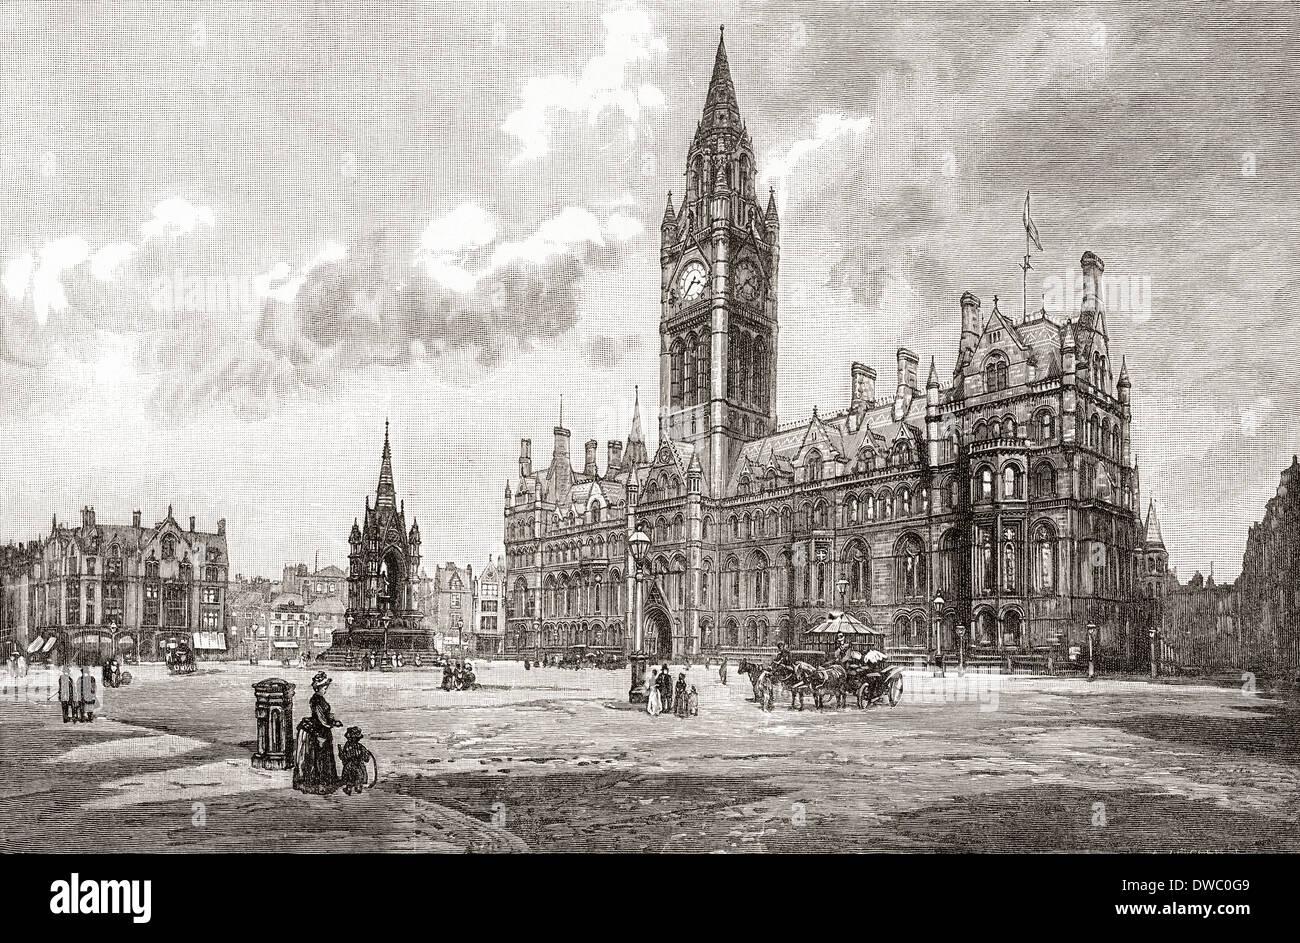 Hôtel de ville, place Albert, Manchester, Angleterre au xixe siècle. Photo Stock